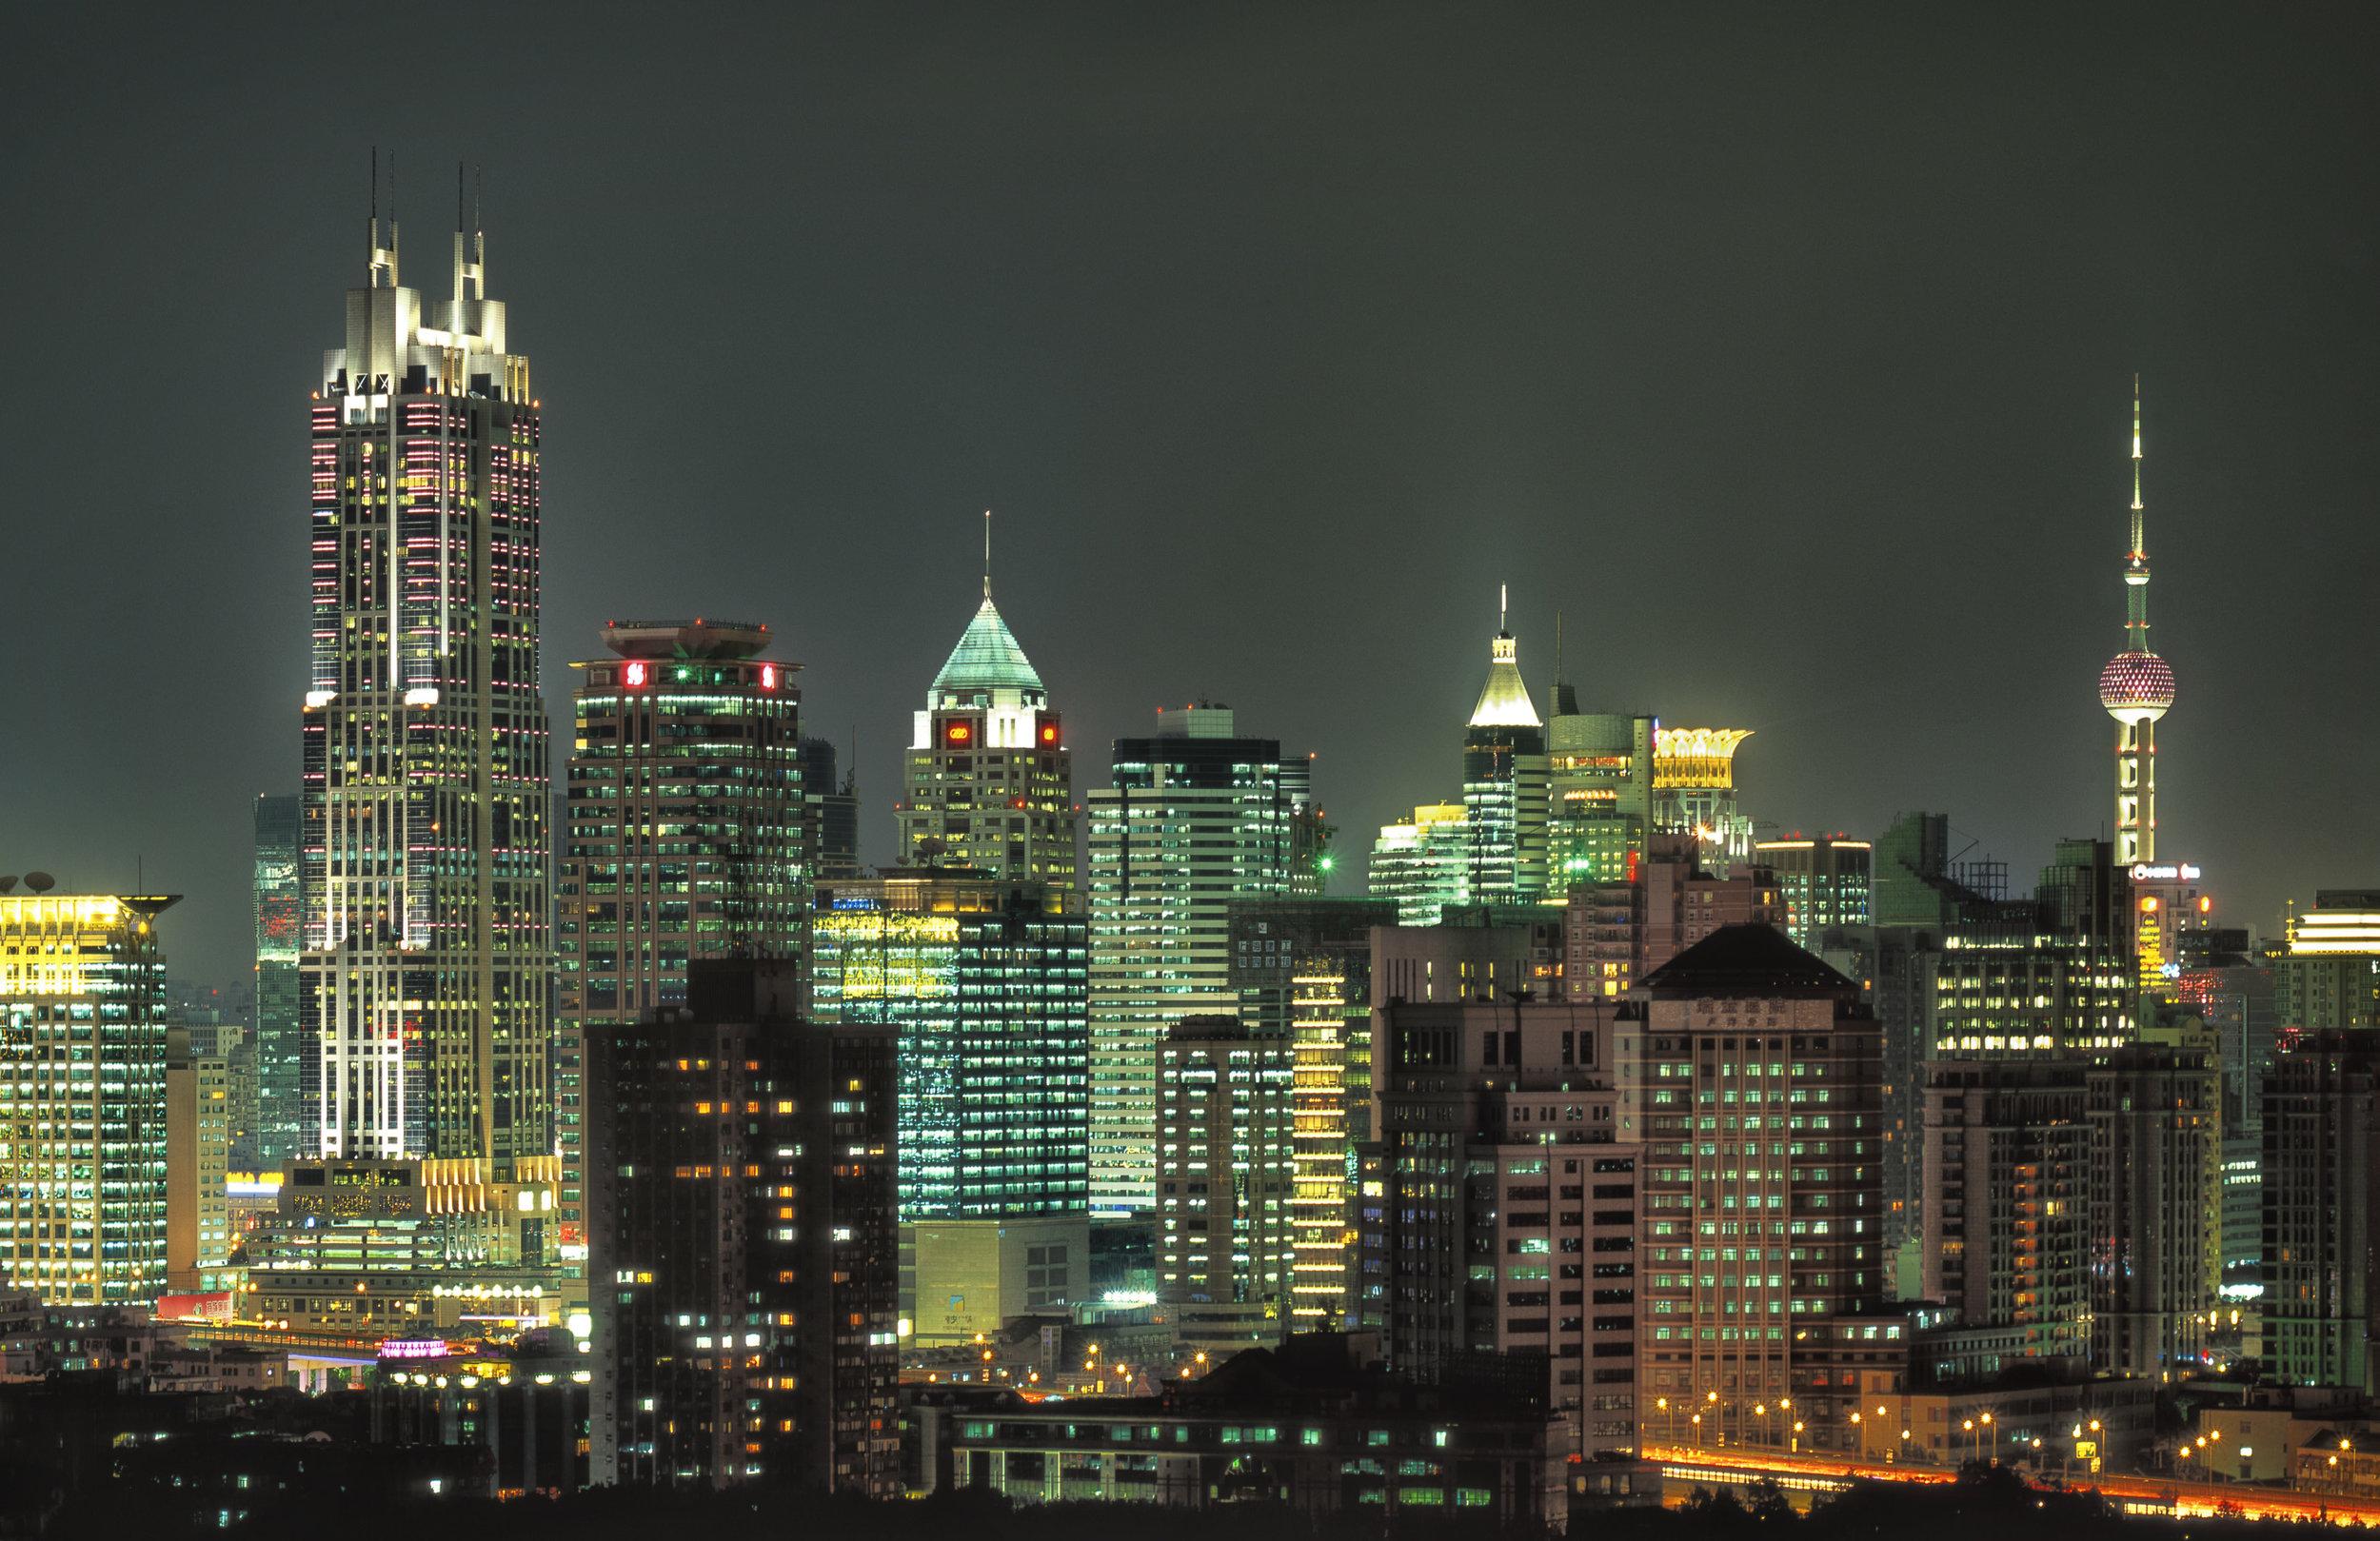 Night Skyline -   Shanghai, China 2001